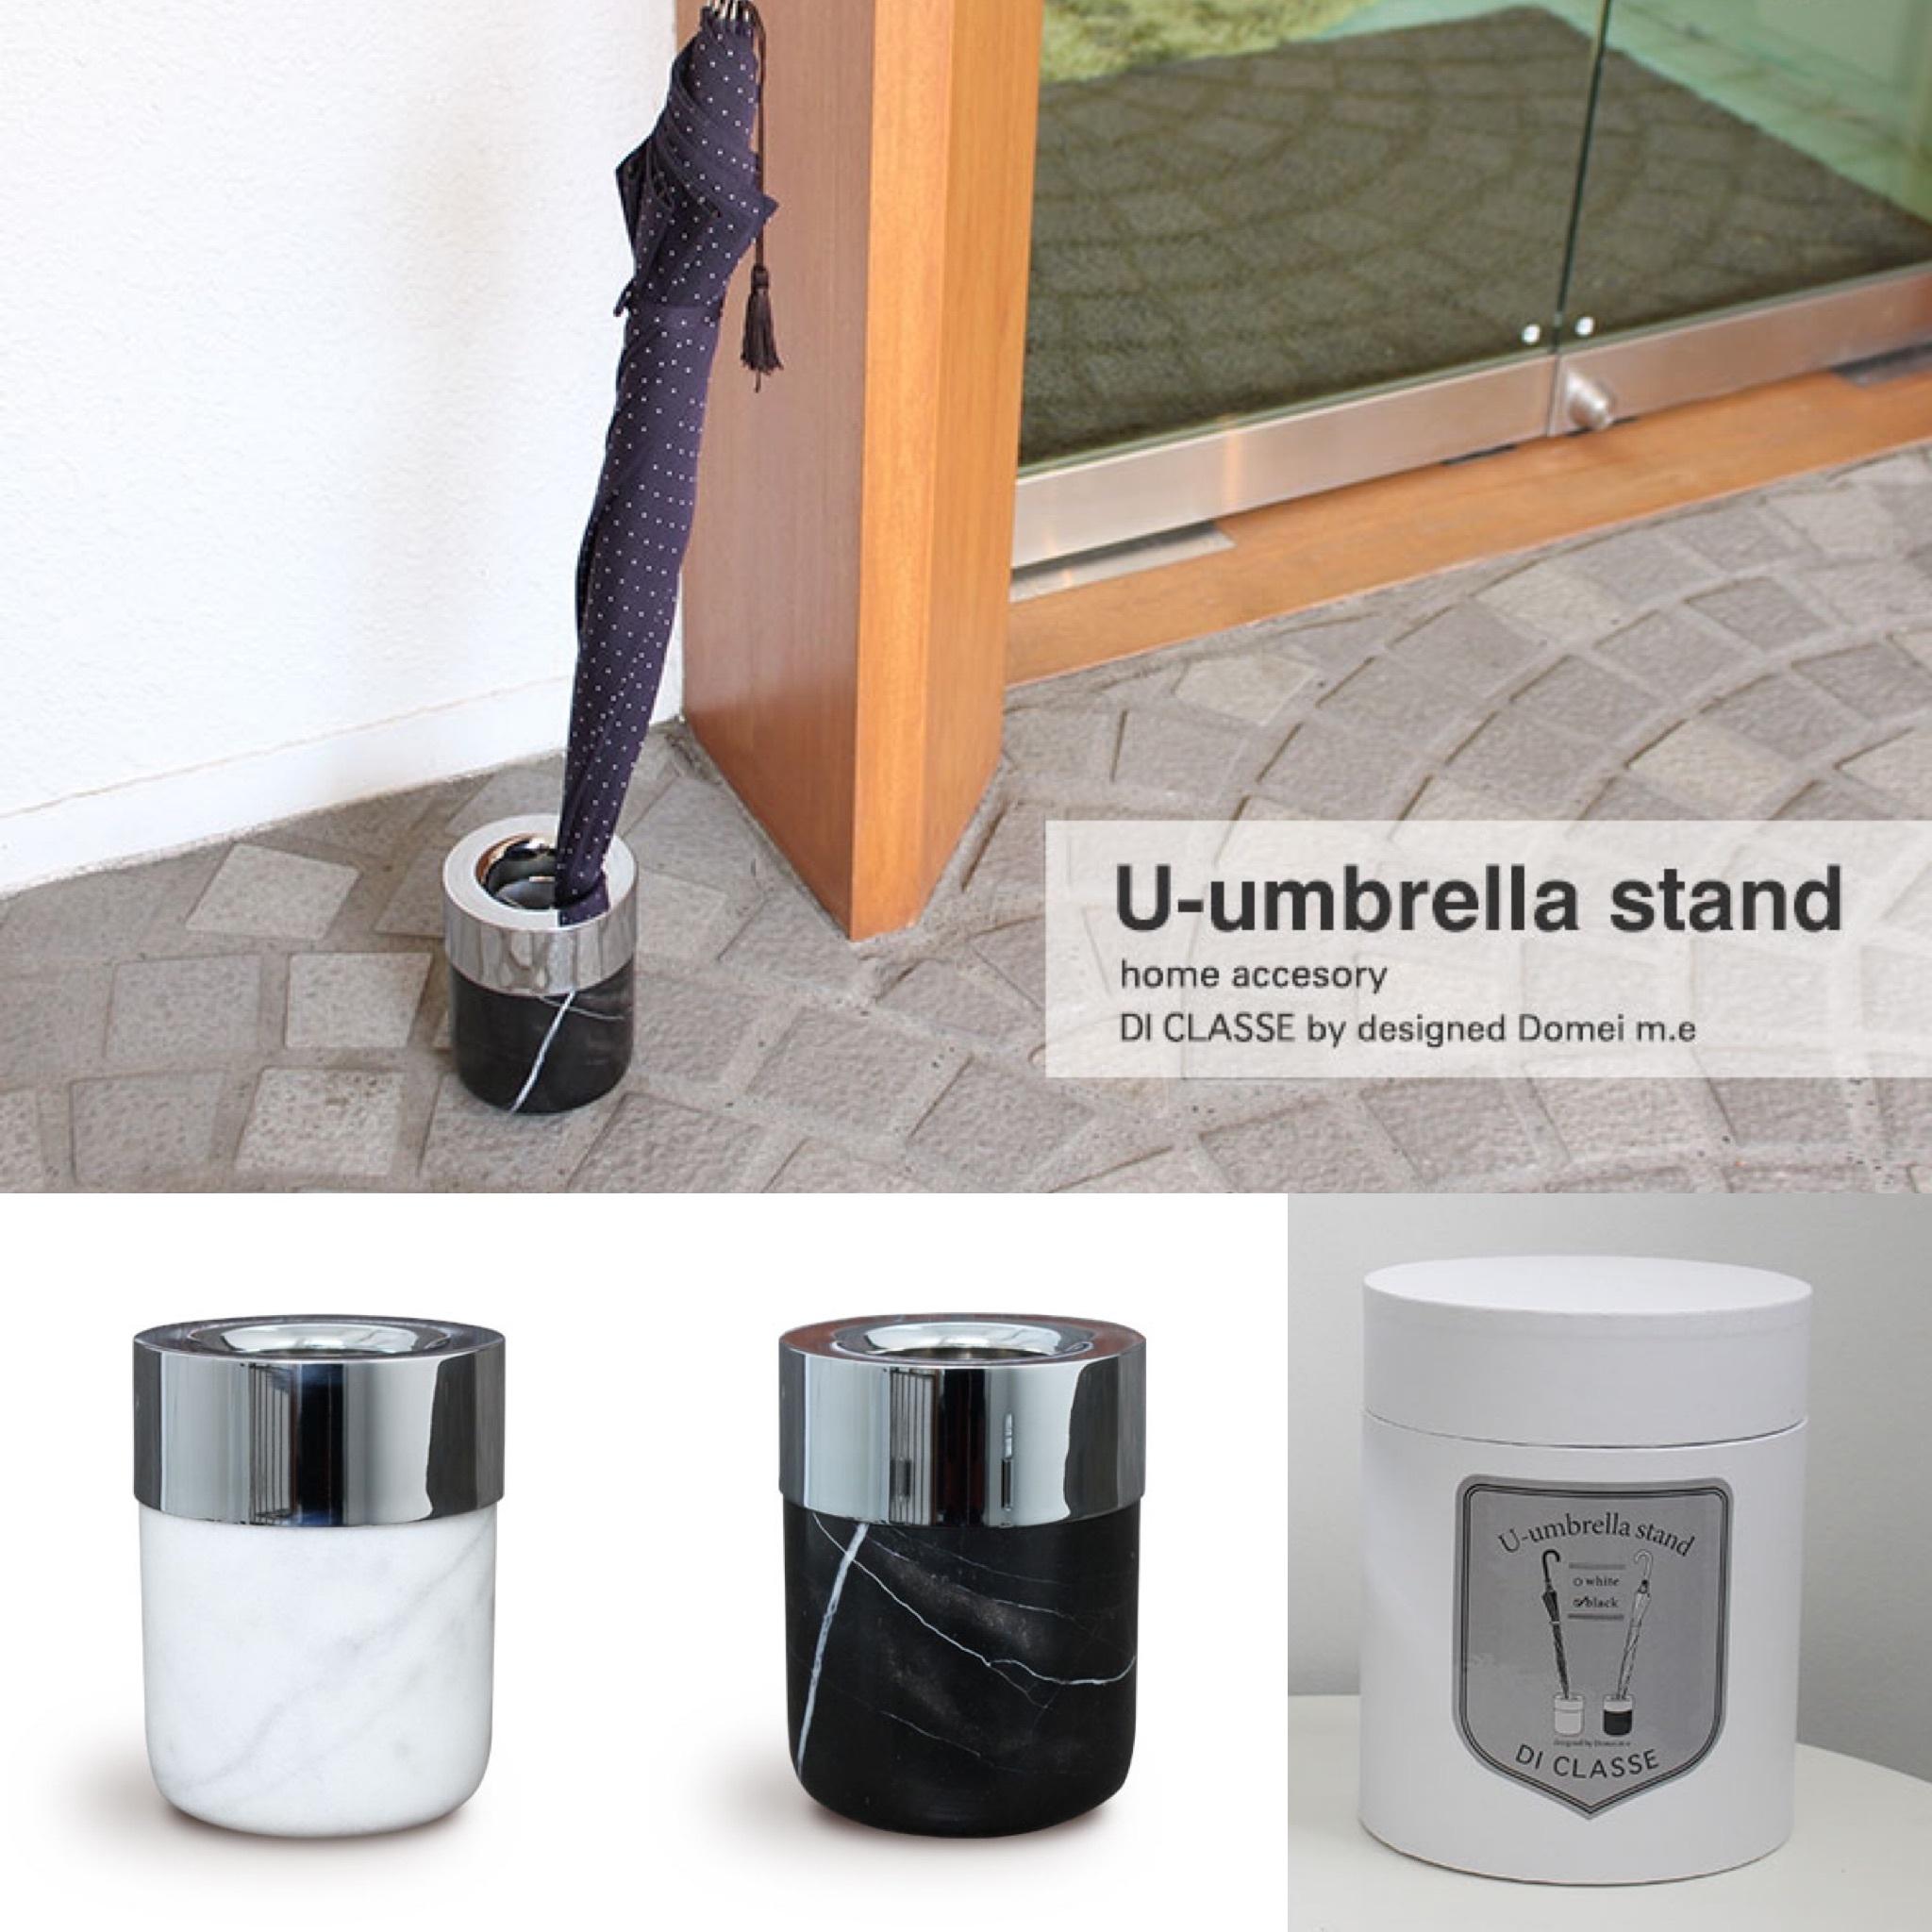 U-umbrella stand 傘立て 天然大理石 全2色 DI-CLASSE